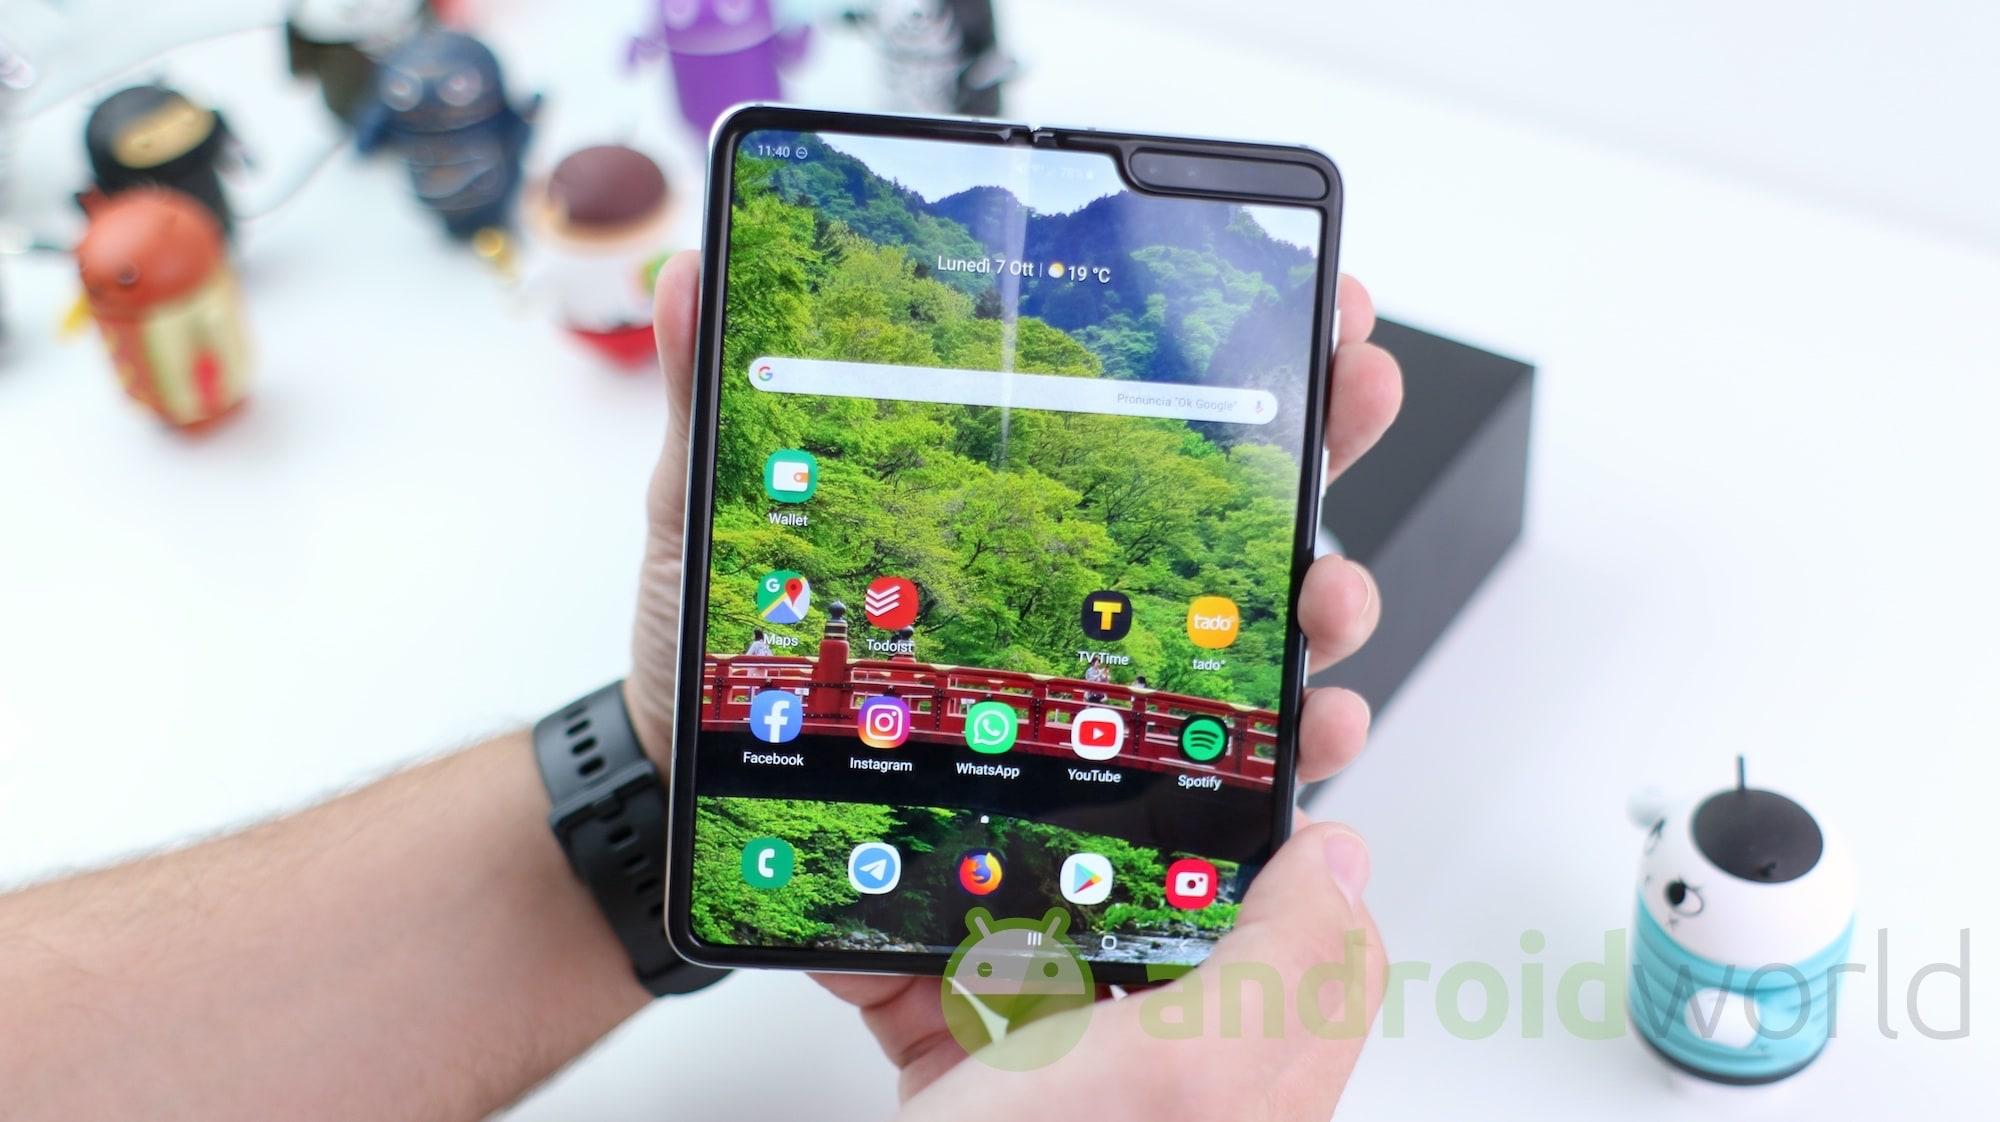 Samsung pronta ad utilizzare vetro ultrasottile e flessibile per evitare alcuni problemi di Galaxy Fold?